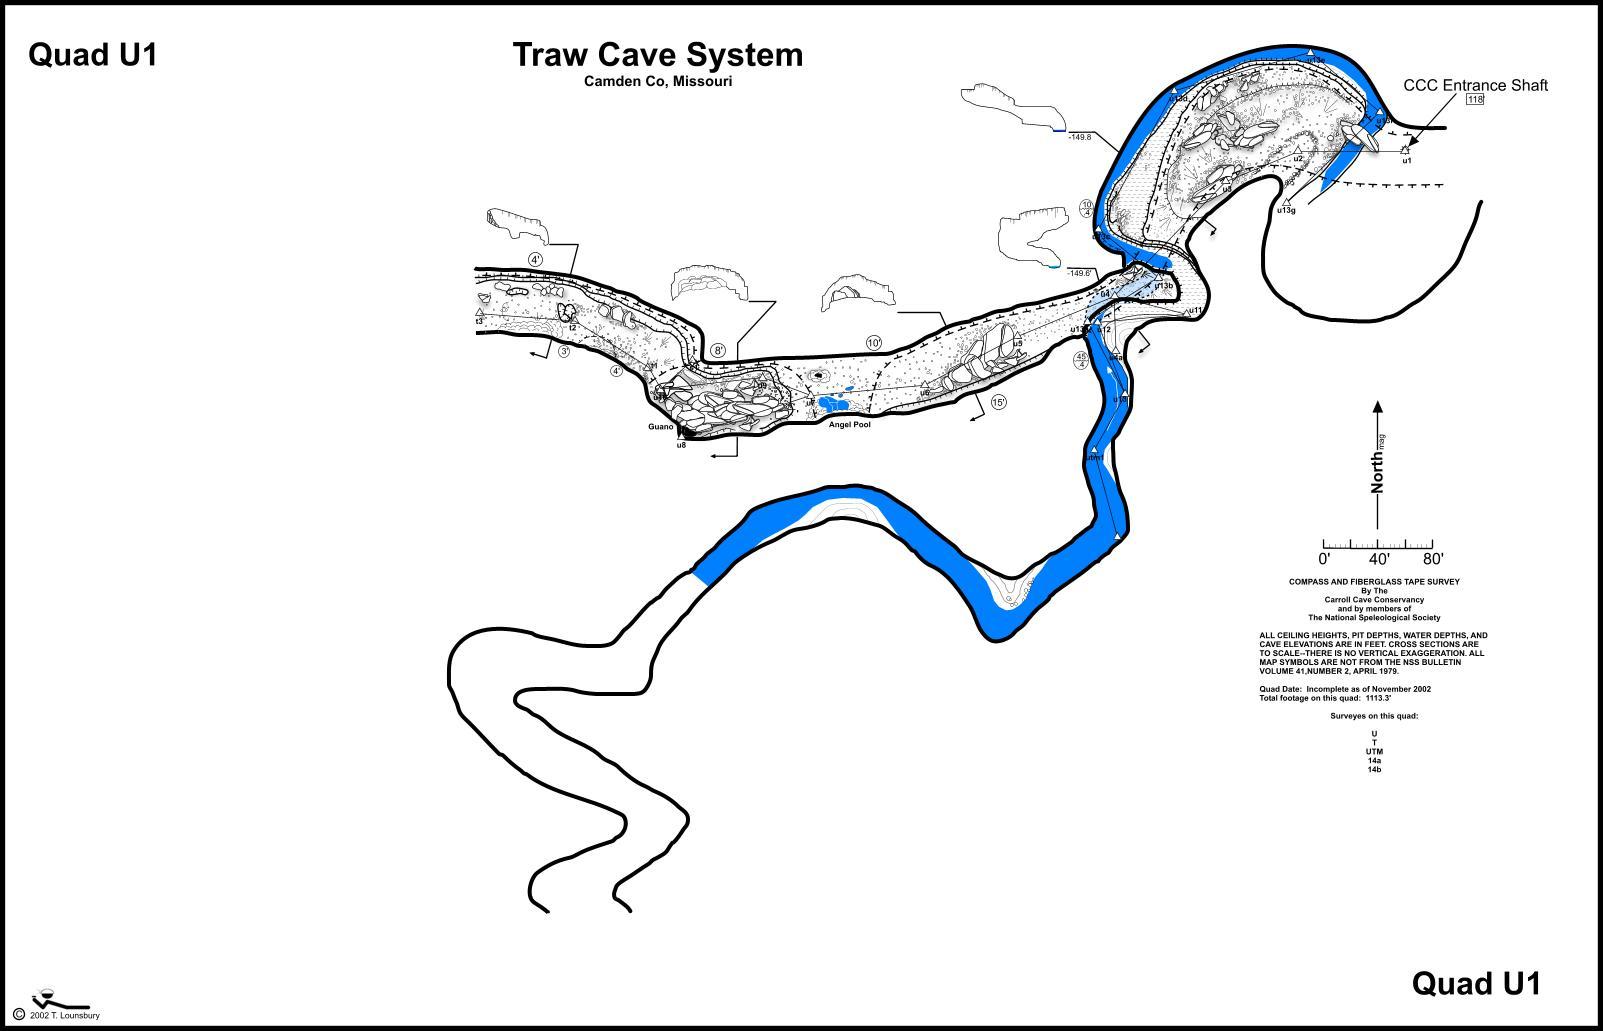 SurveyMap_Traw 11-14-02